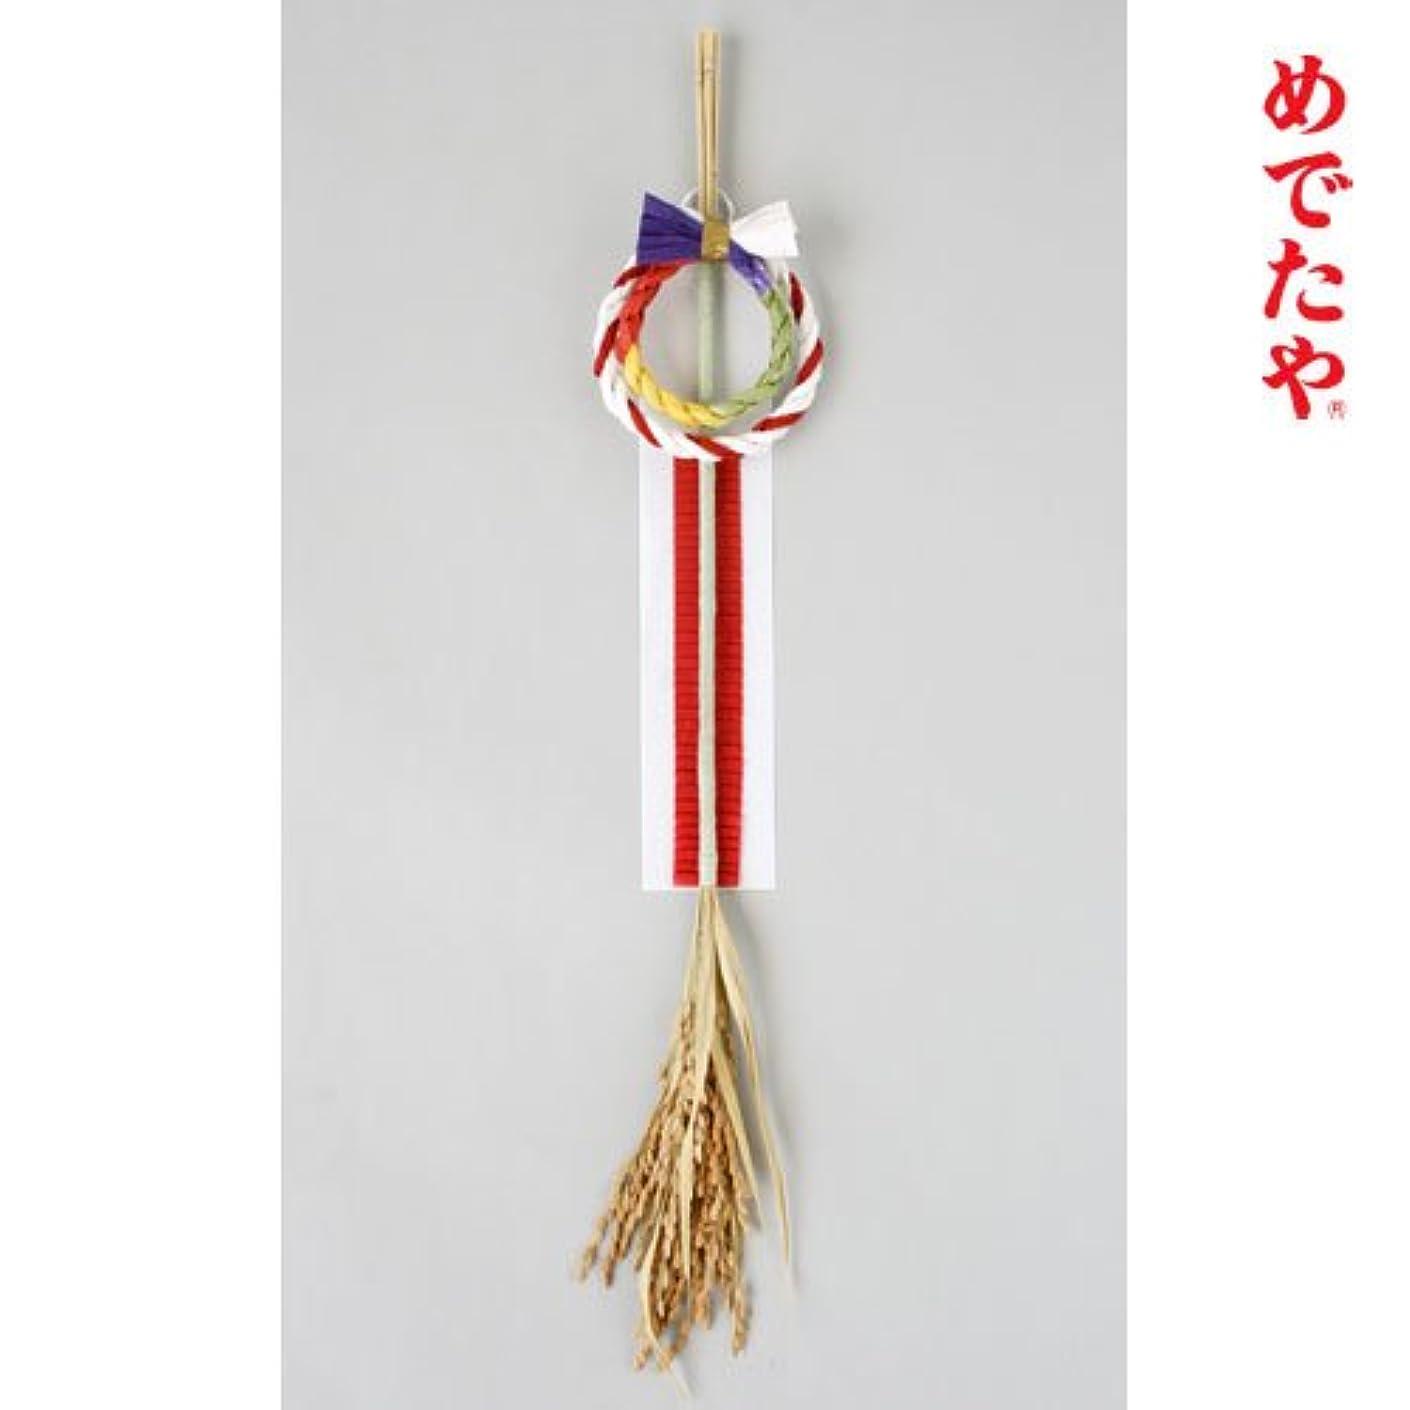 にもかかわらず勢い畝間正月飾り いなほ飾り 五色 めでたや New Year's decoration